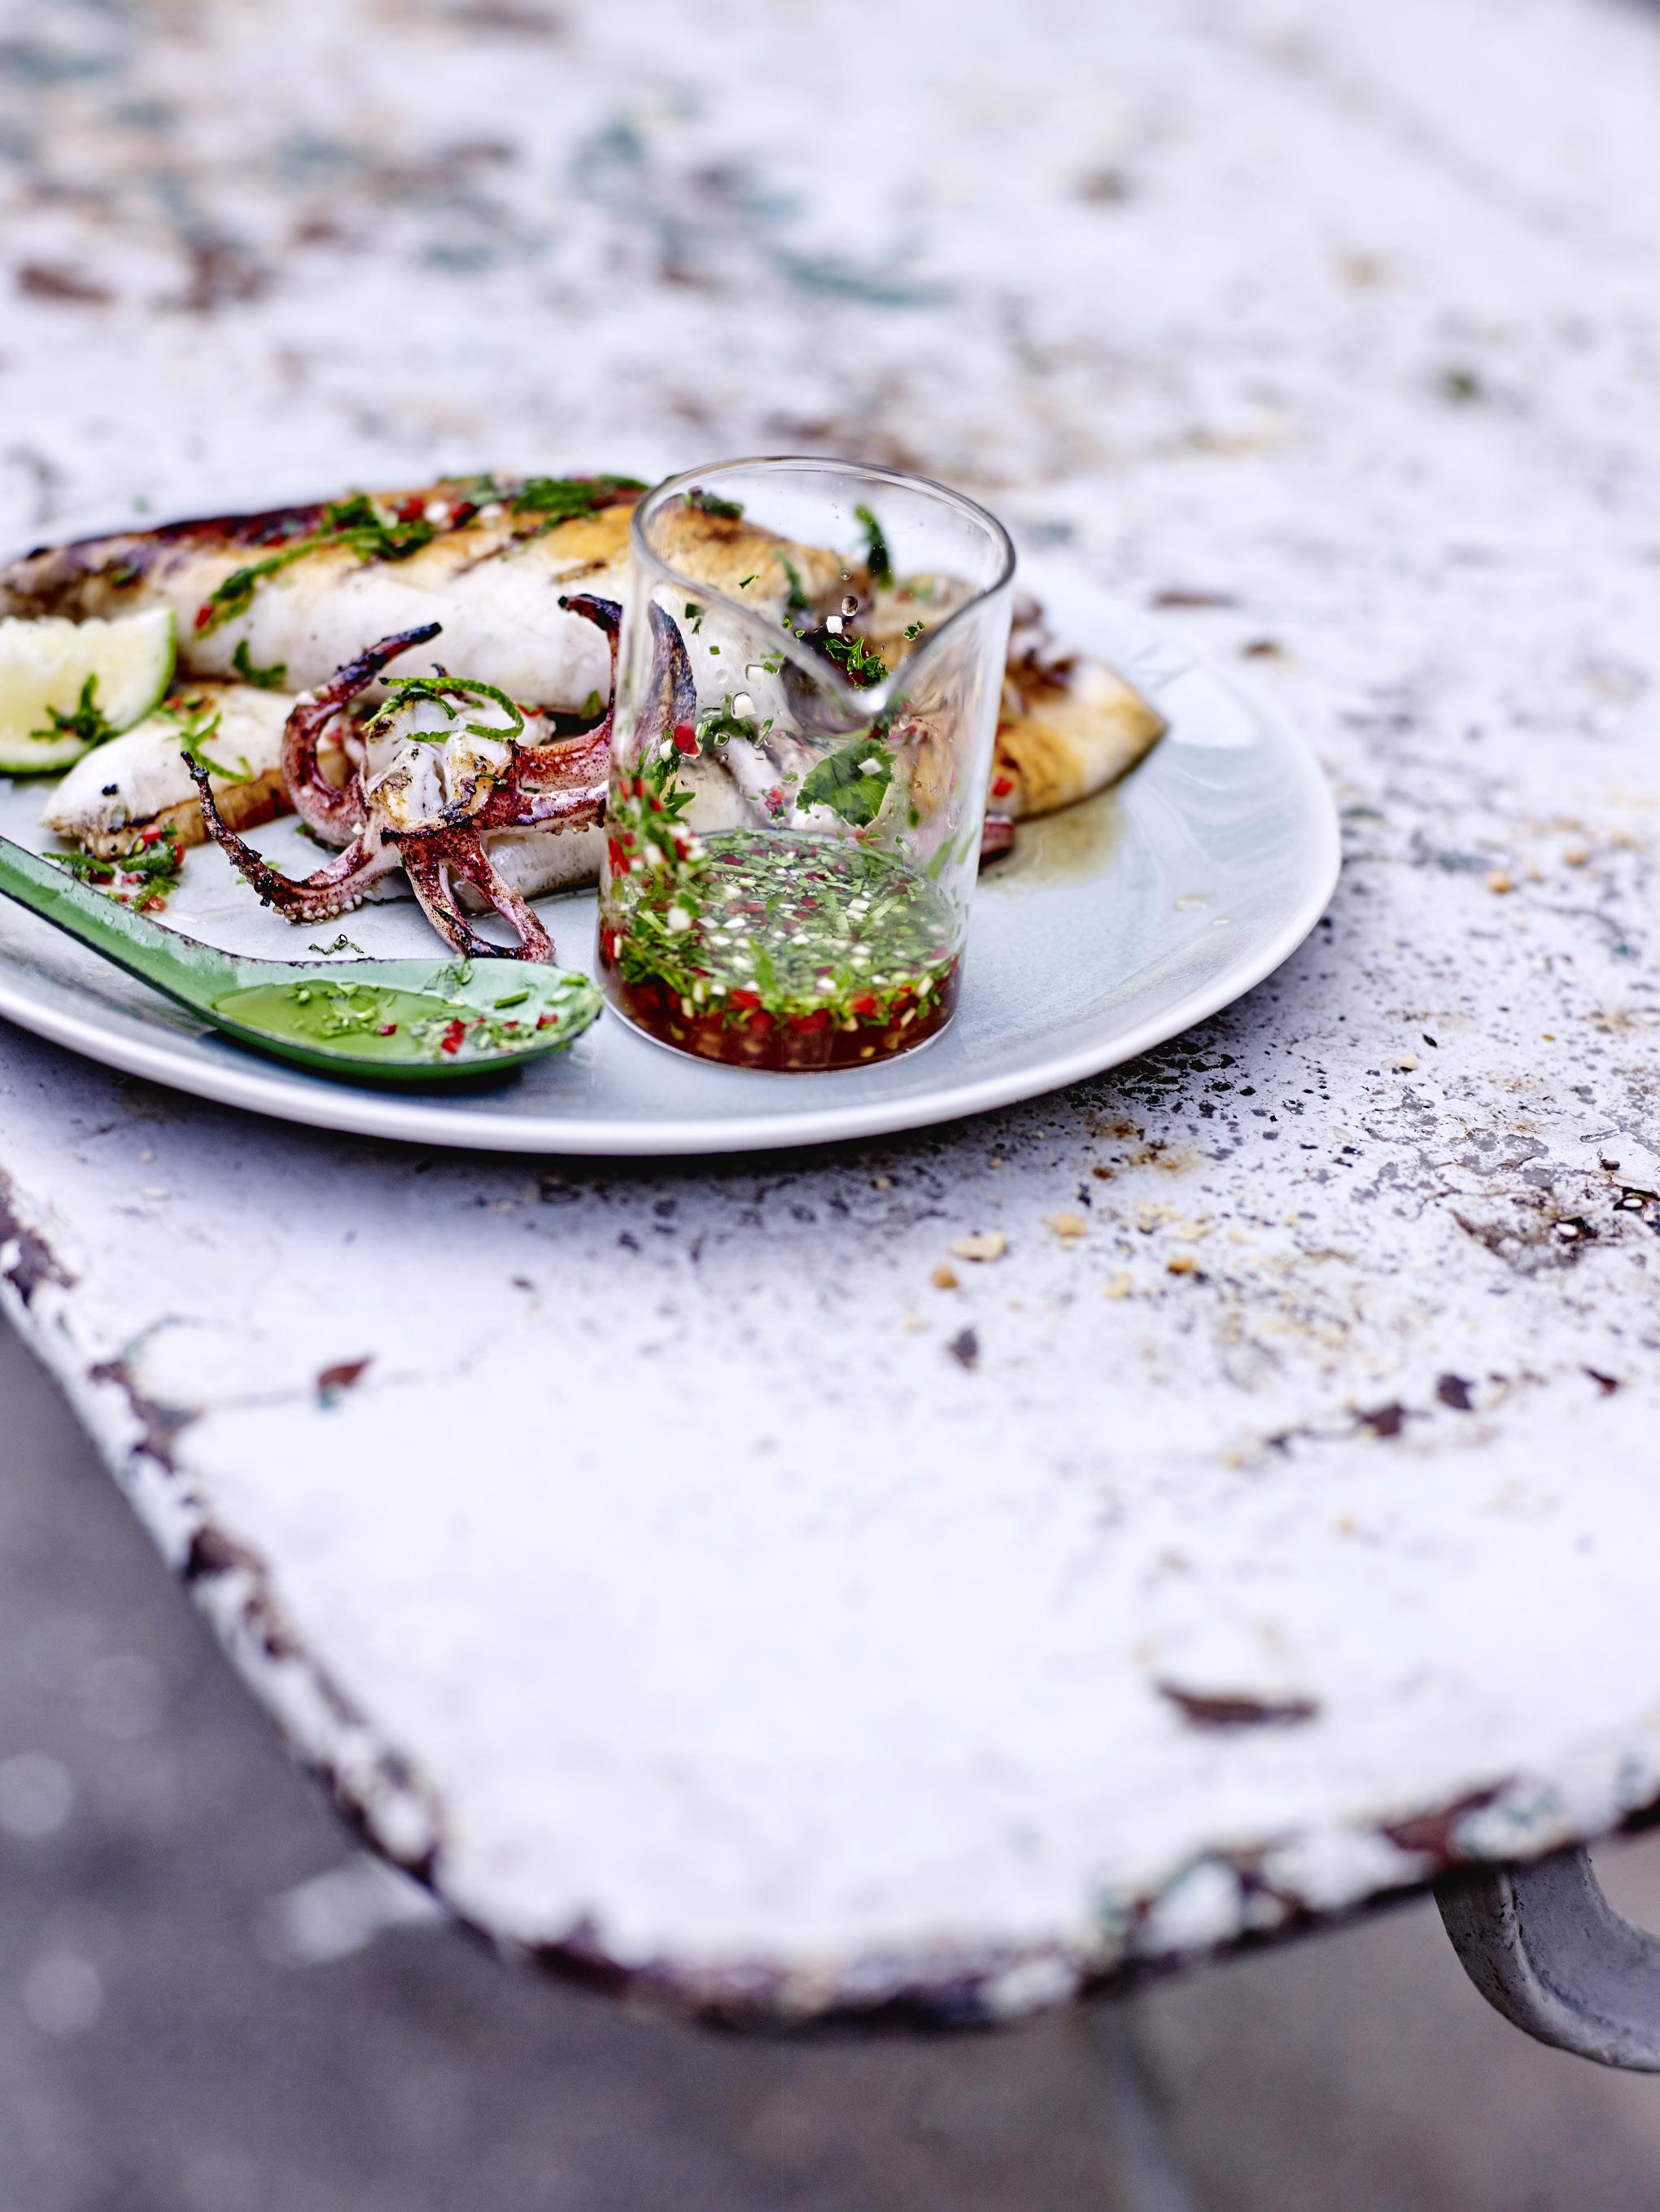 Calamars grill s sauce tha e pour 4 personnes recettes elle table - Recette calamar grille barbecue ...